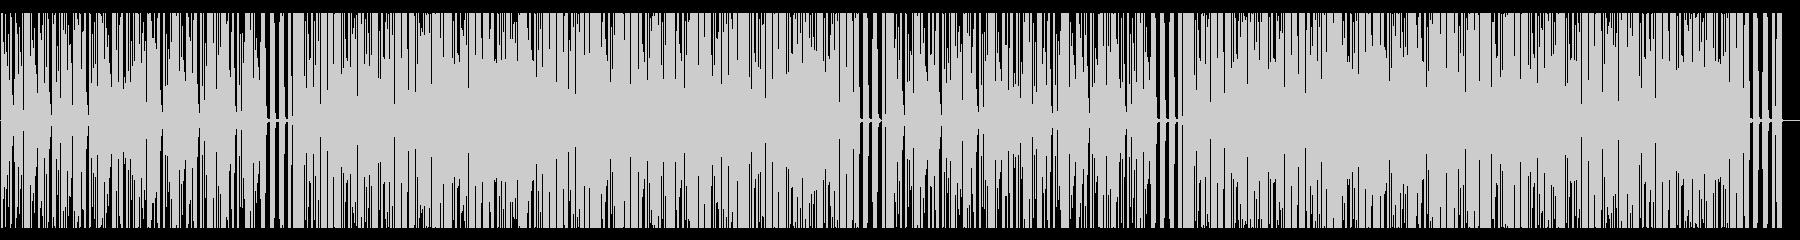 ビートが強めのオールドな雰囲気のBGMの未再生の波形